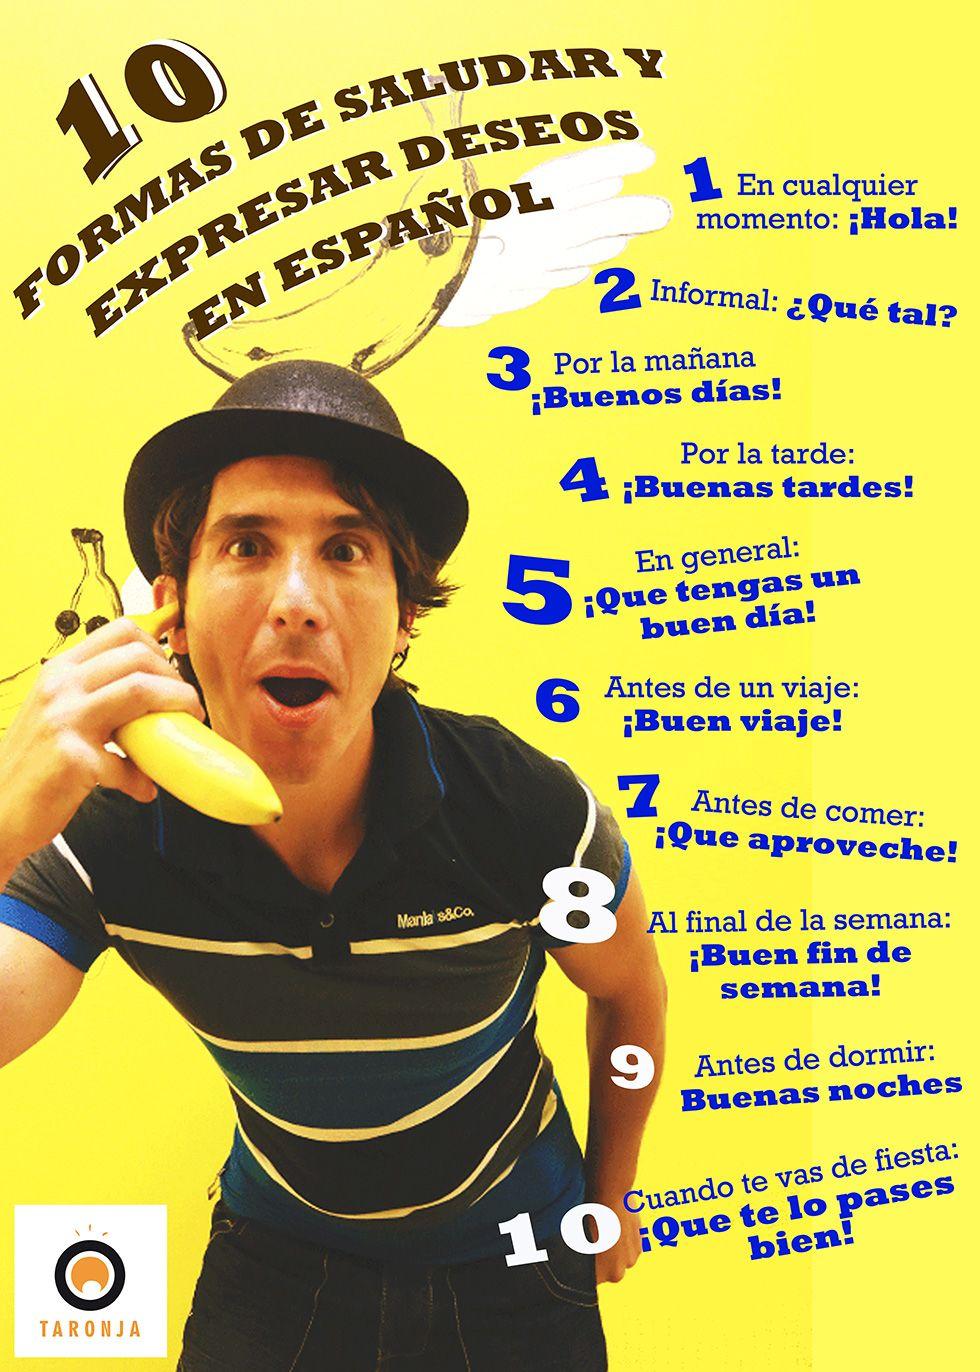 10 Maneras De Saludar Y Expresar Deseos 10 Greetings And Common